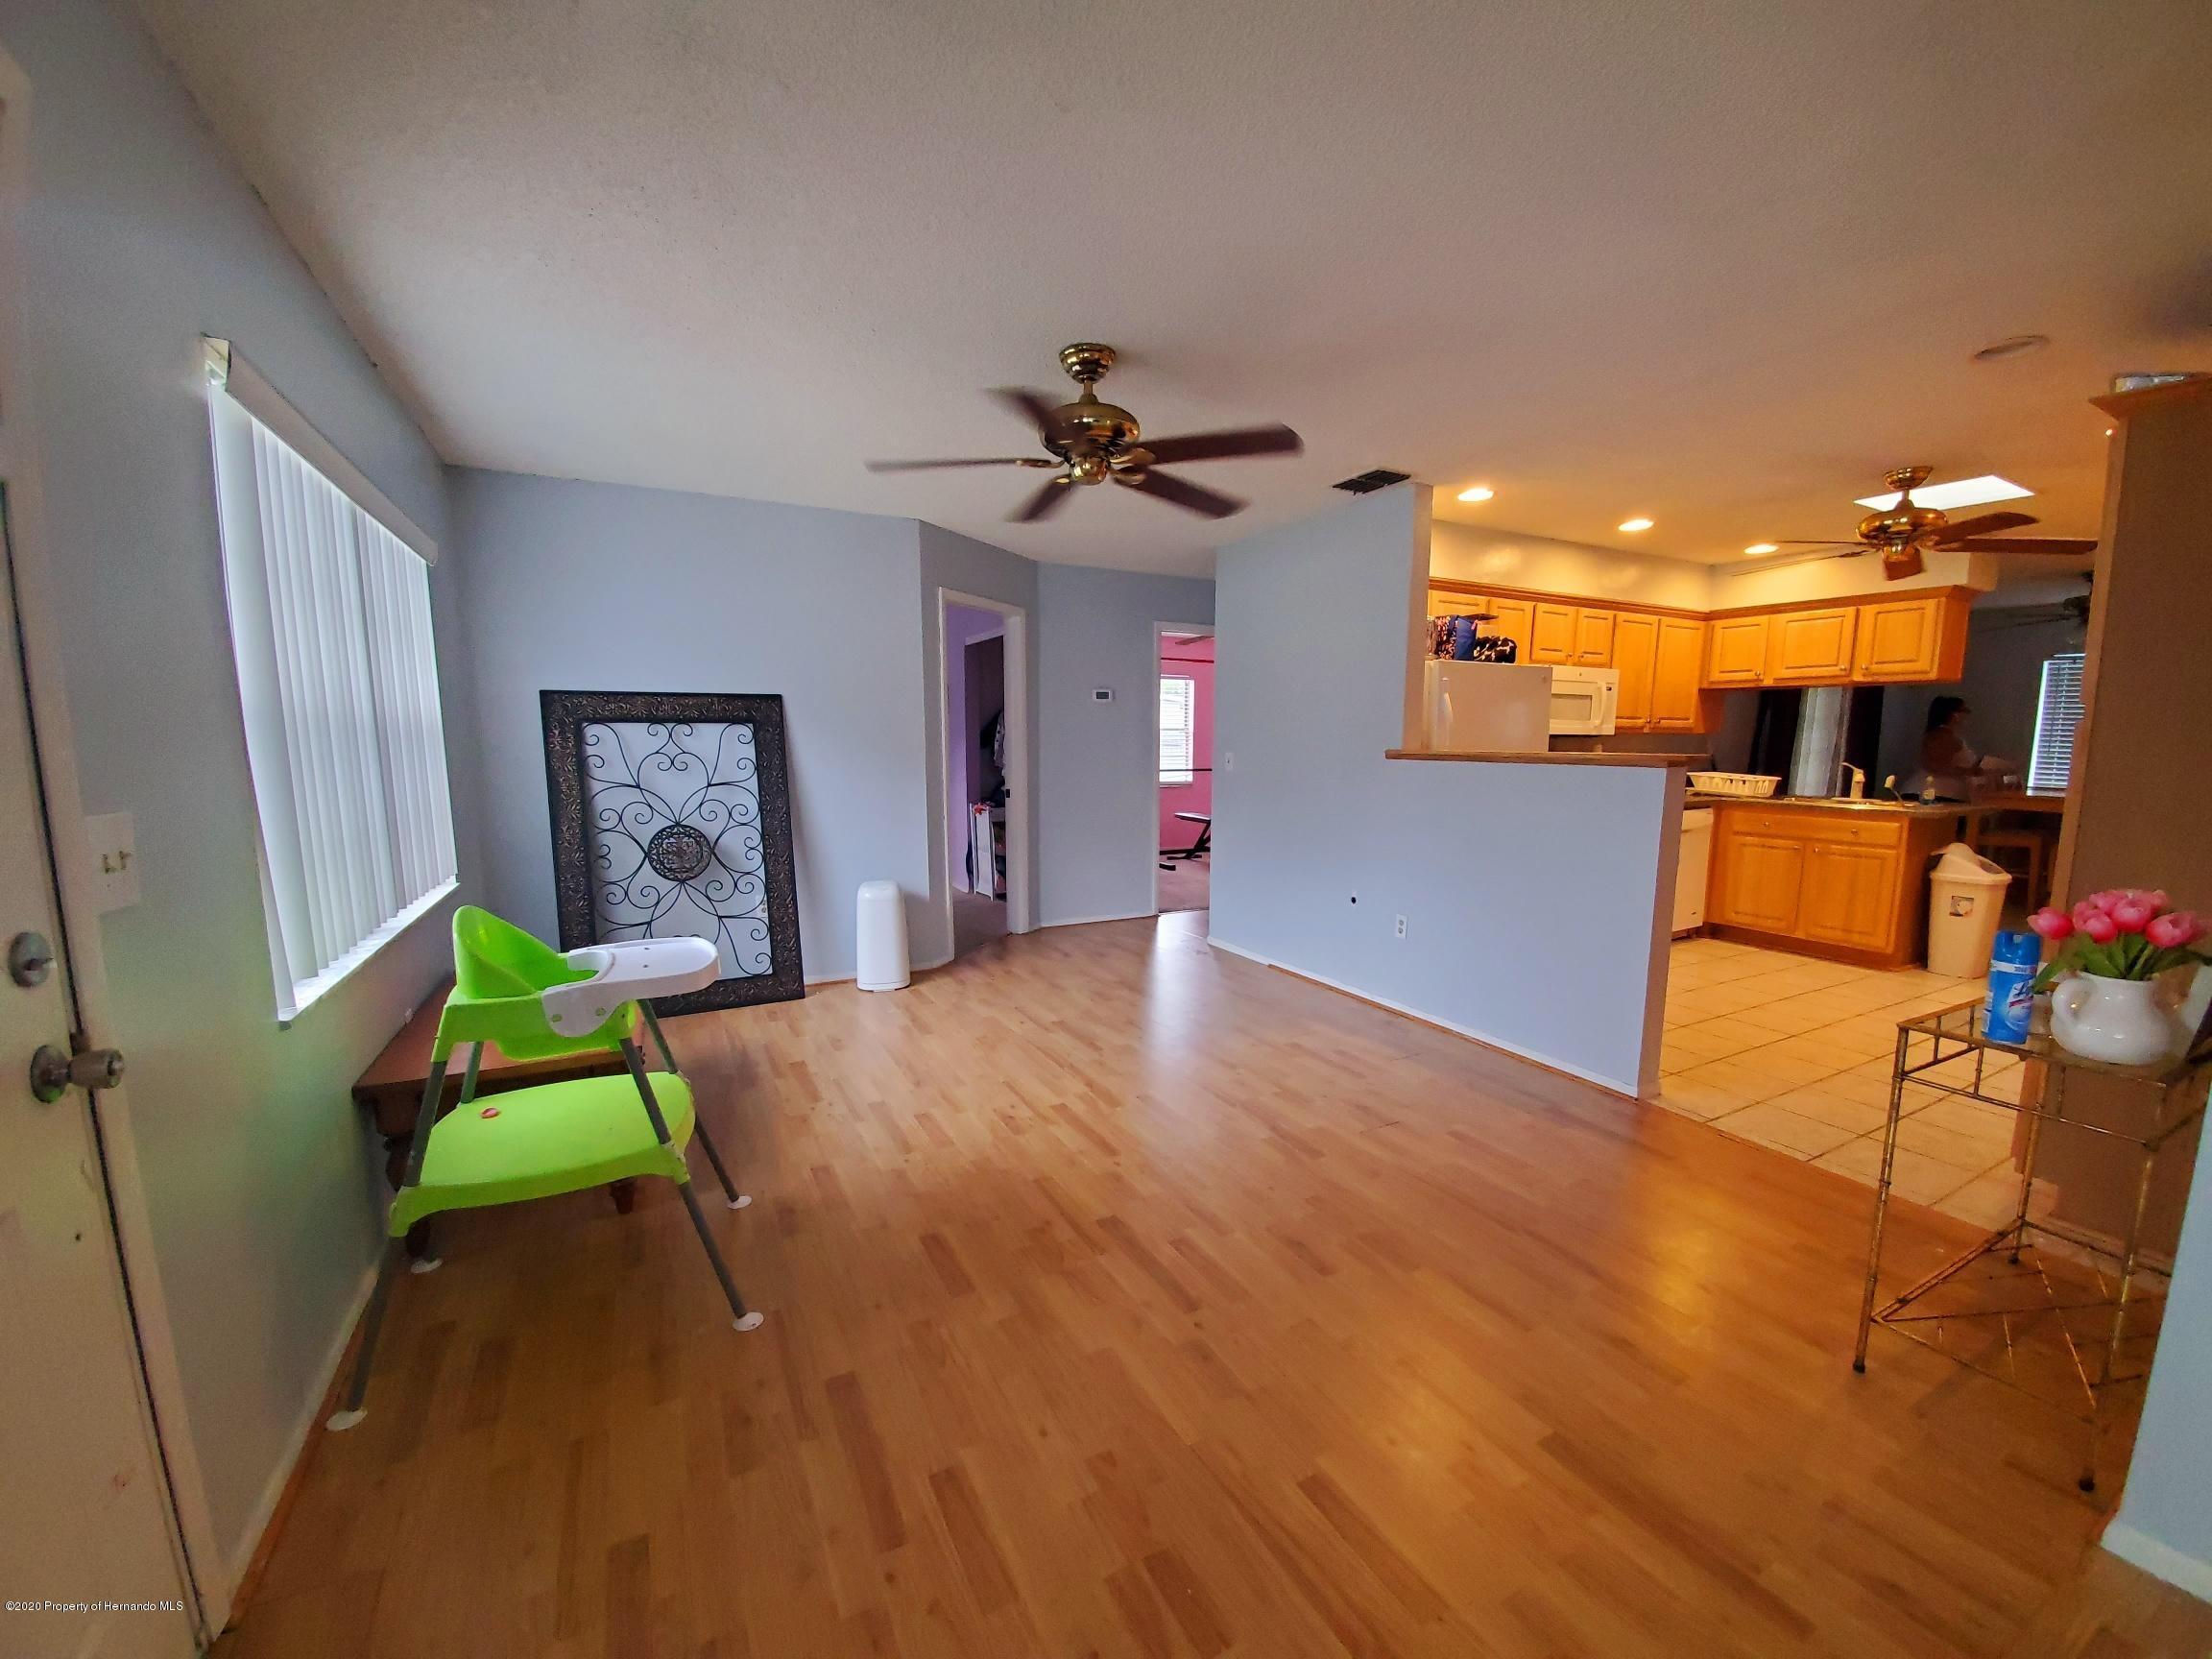 Image 5 For 4151 Dristol Avenue